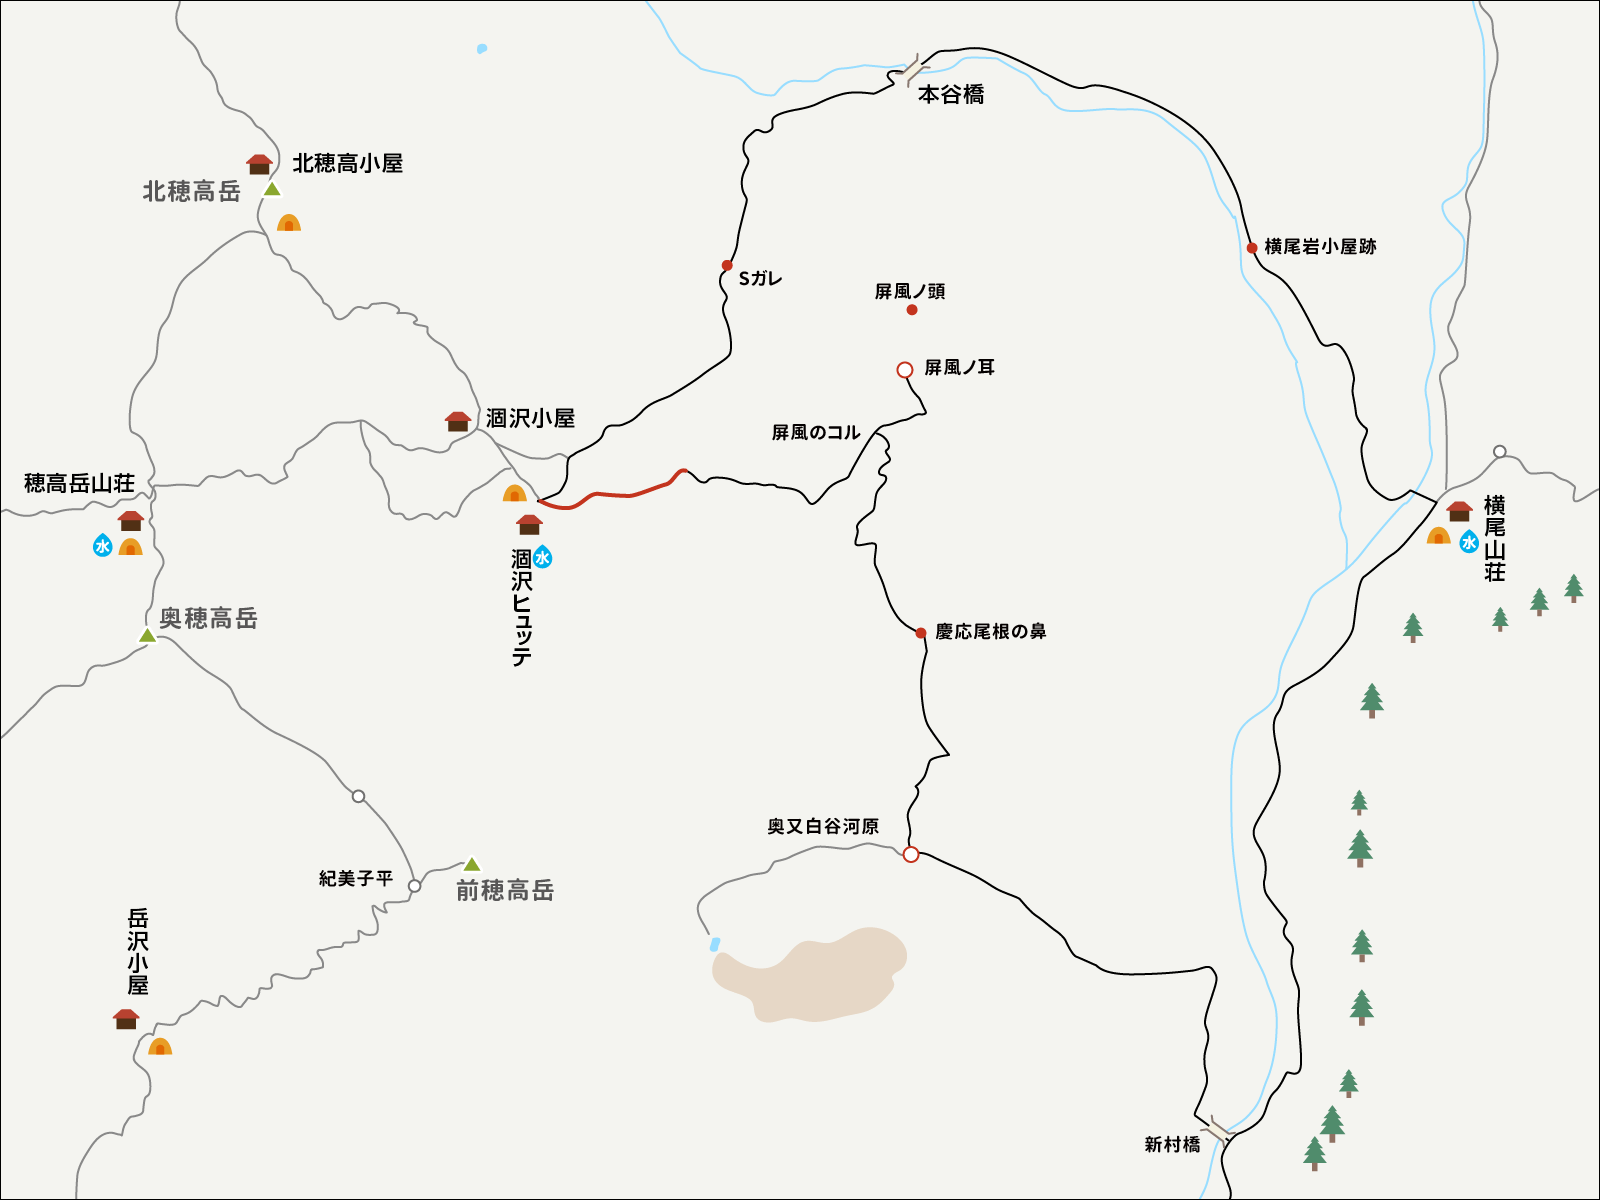 涸沢パノラマコースのイラストマップ1